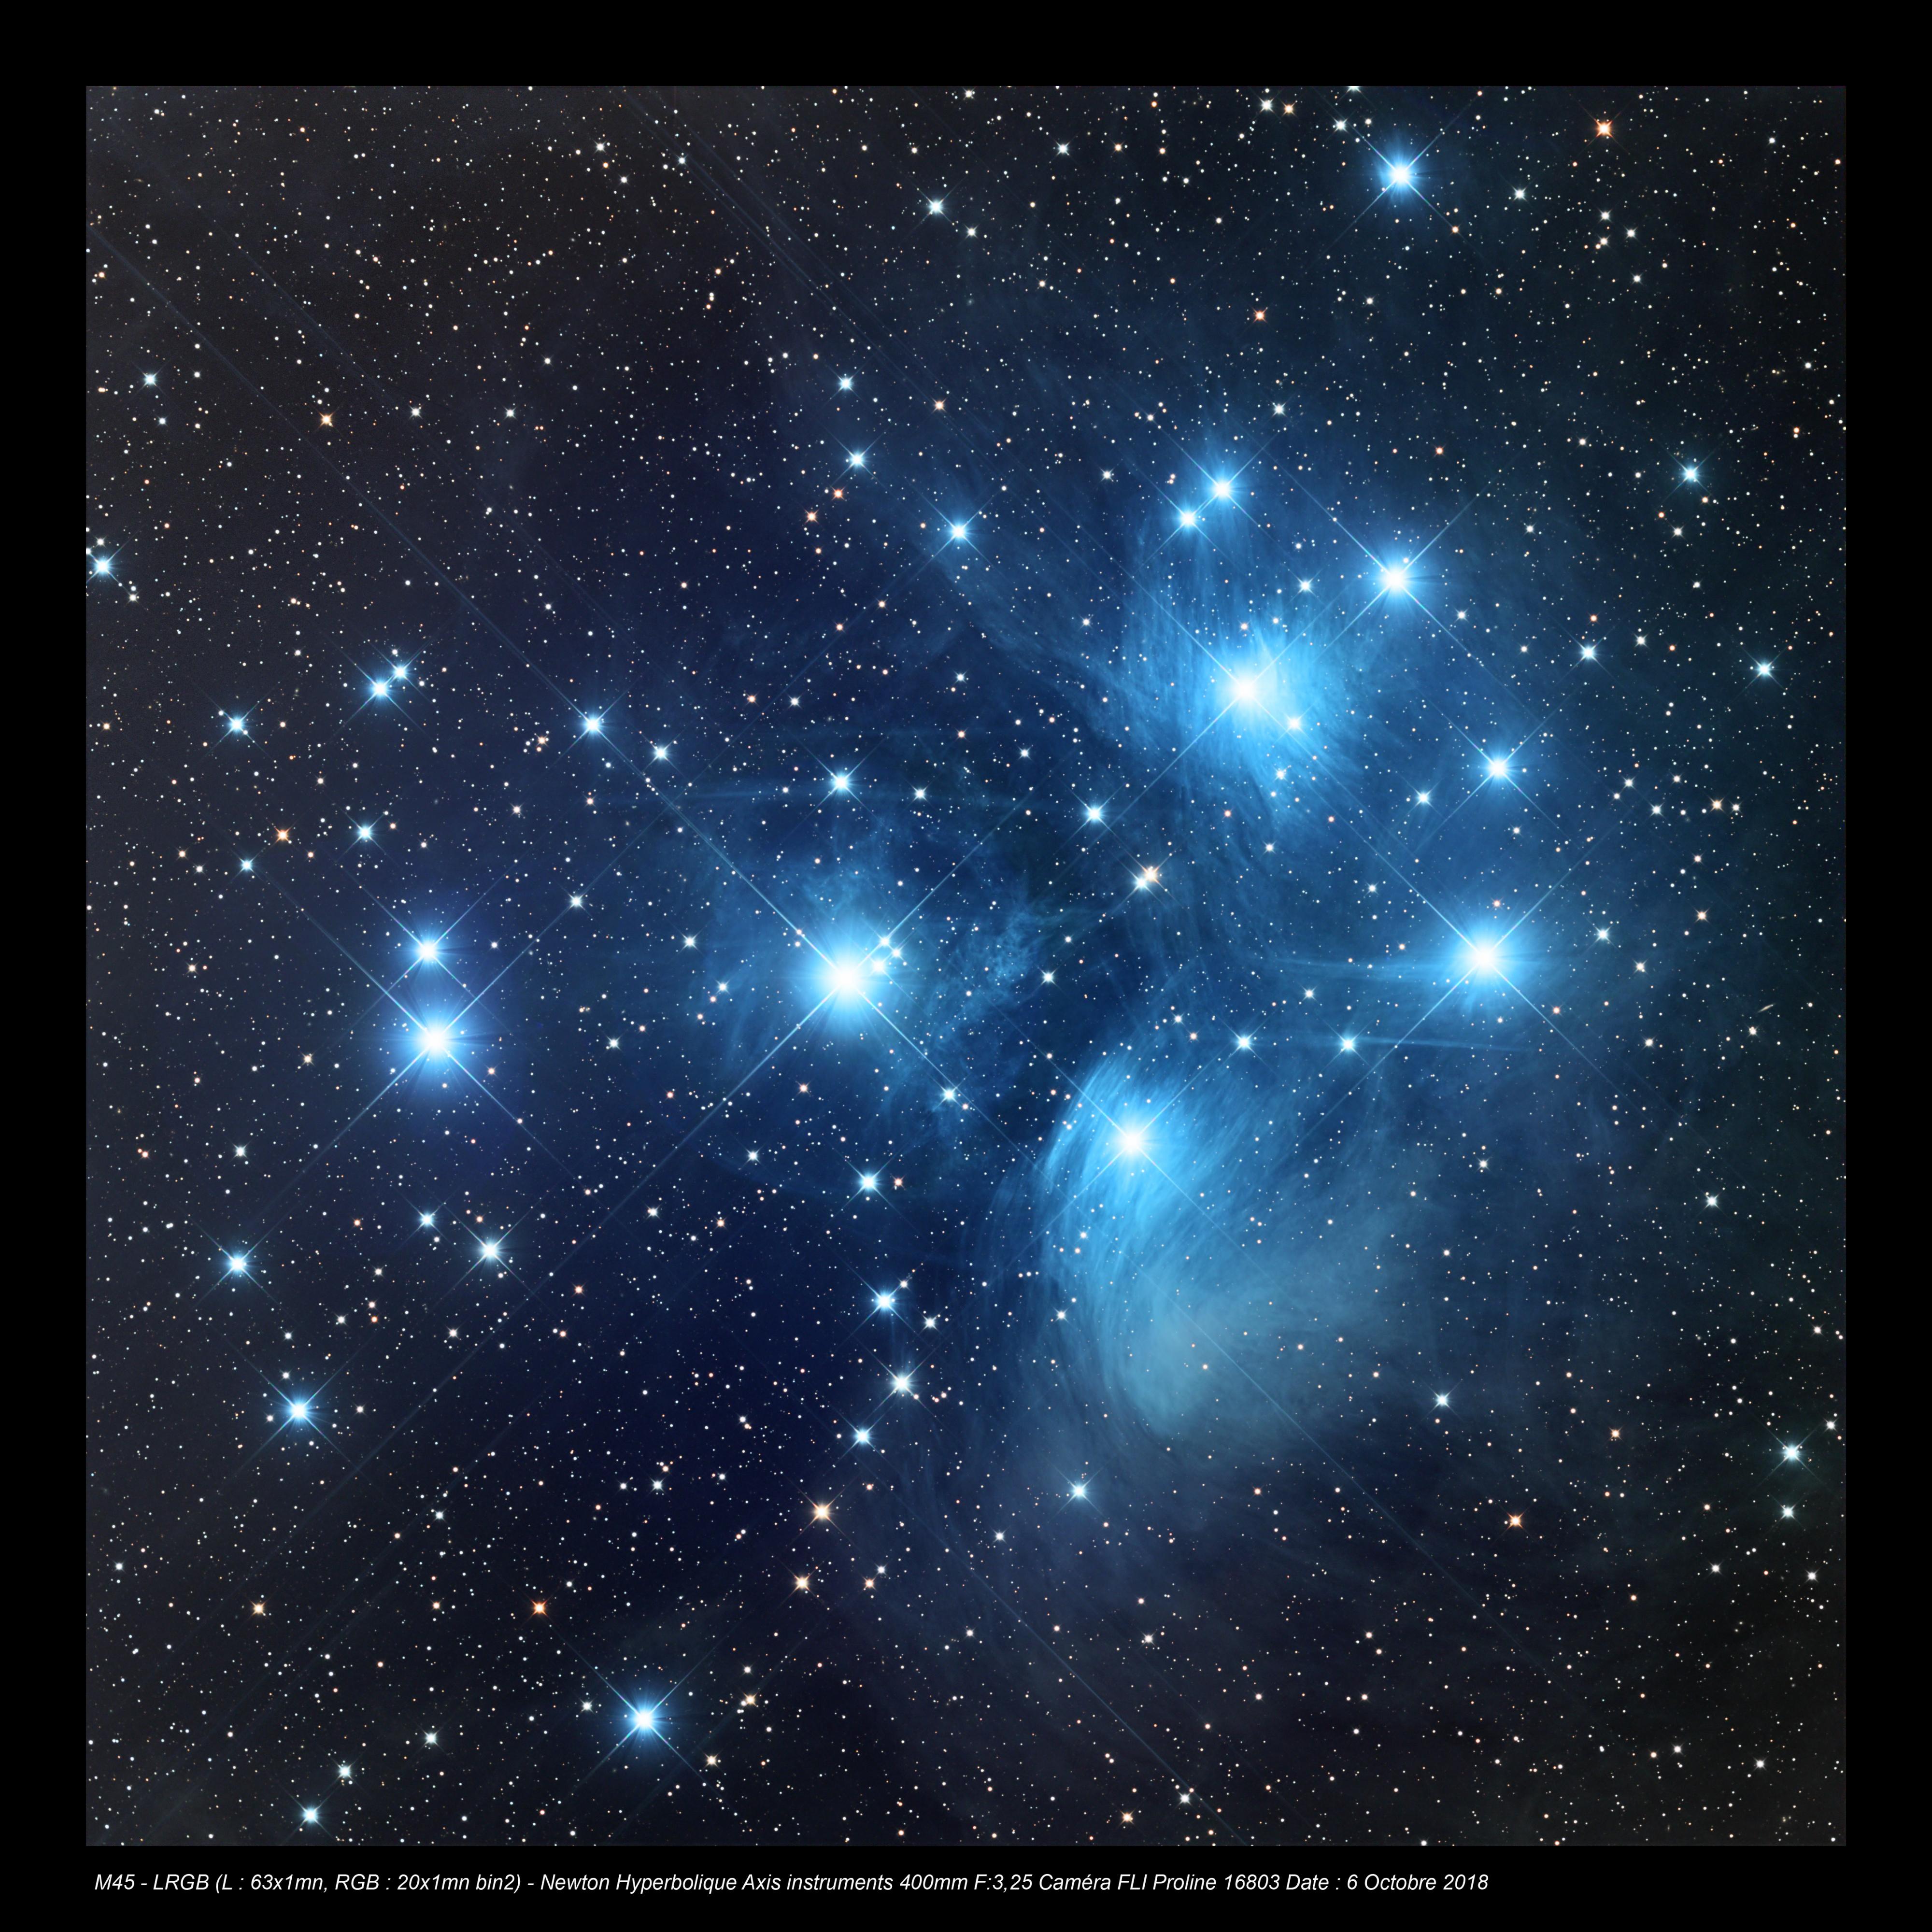 large.M45_LRGB_181005_NR3.jpg.9a108f6a57531095cdfafc3779bc3ee2.jpg